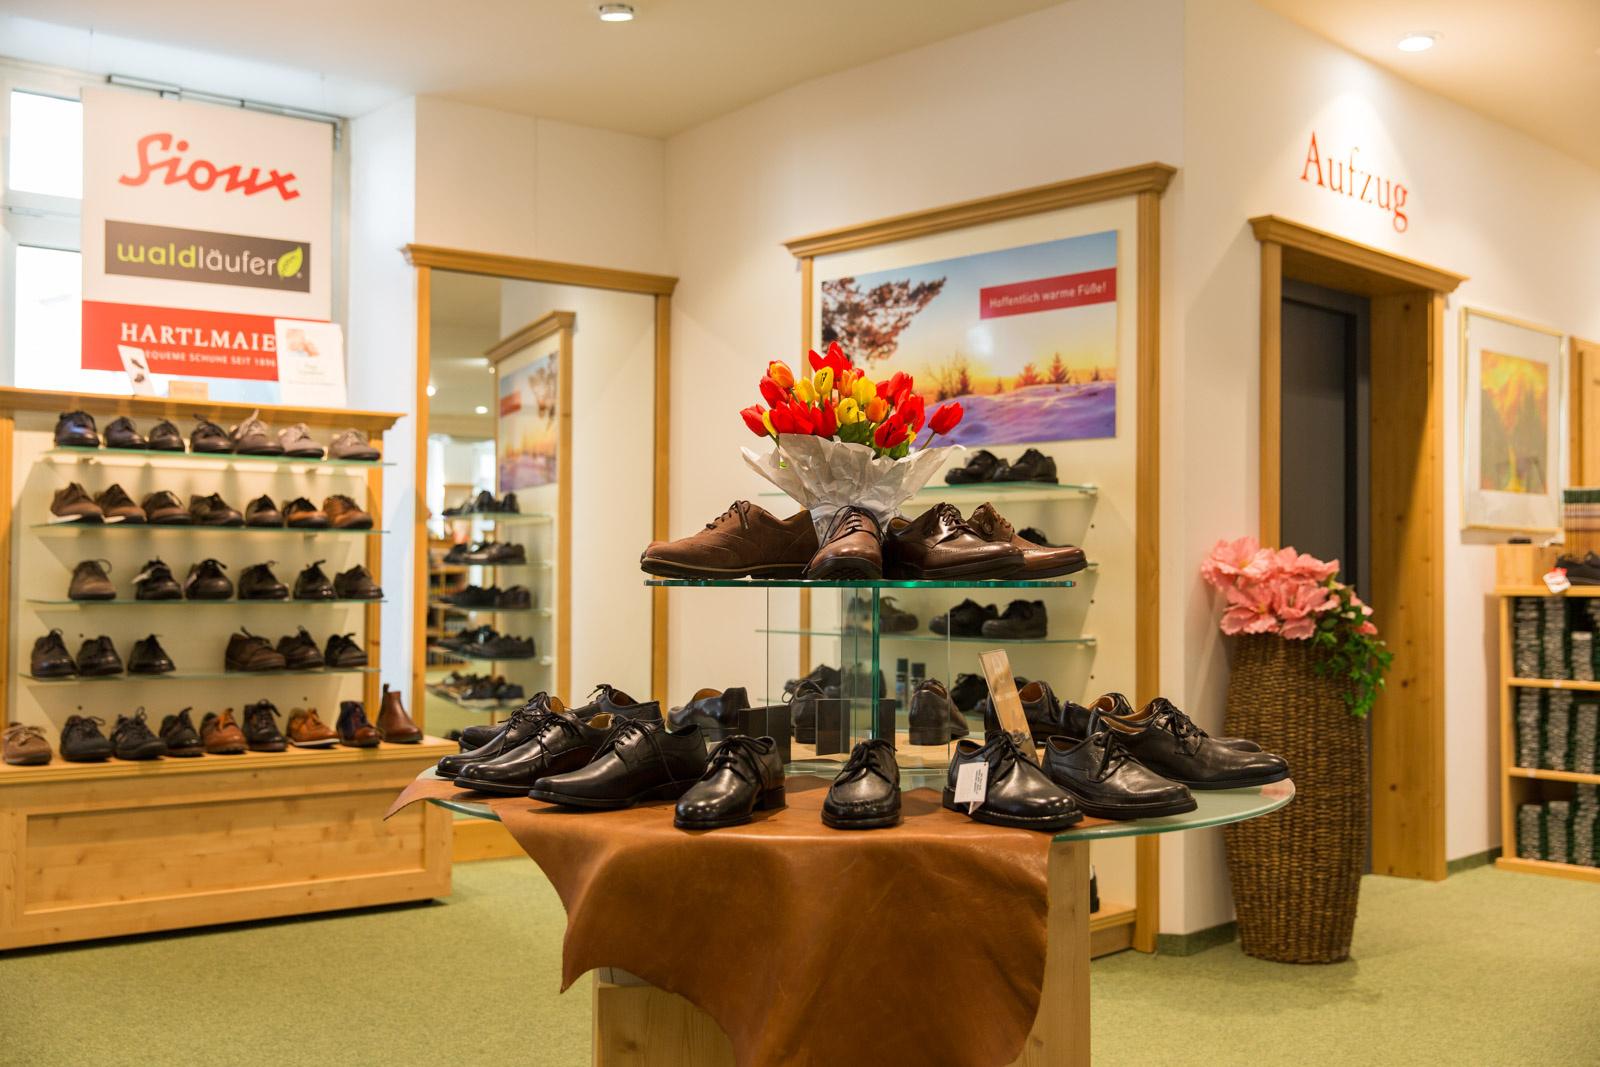 Hartlmaier - Bequeme Schuhe seit 1896